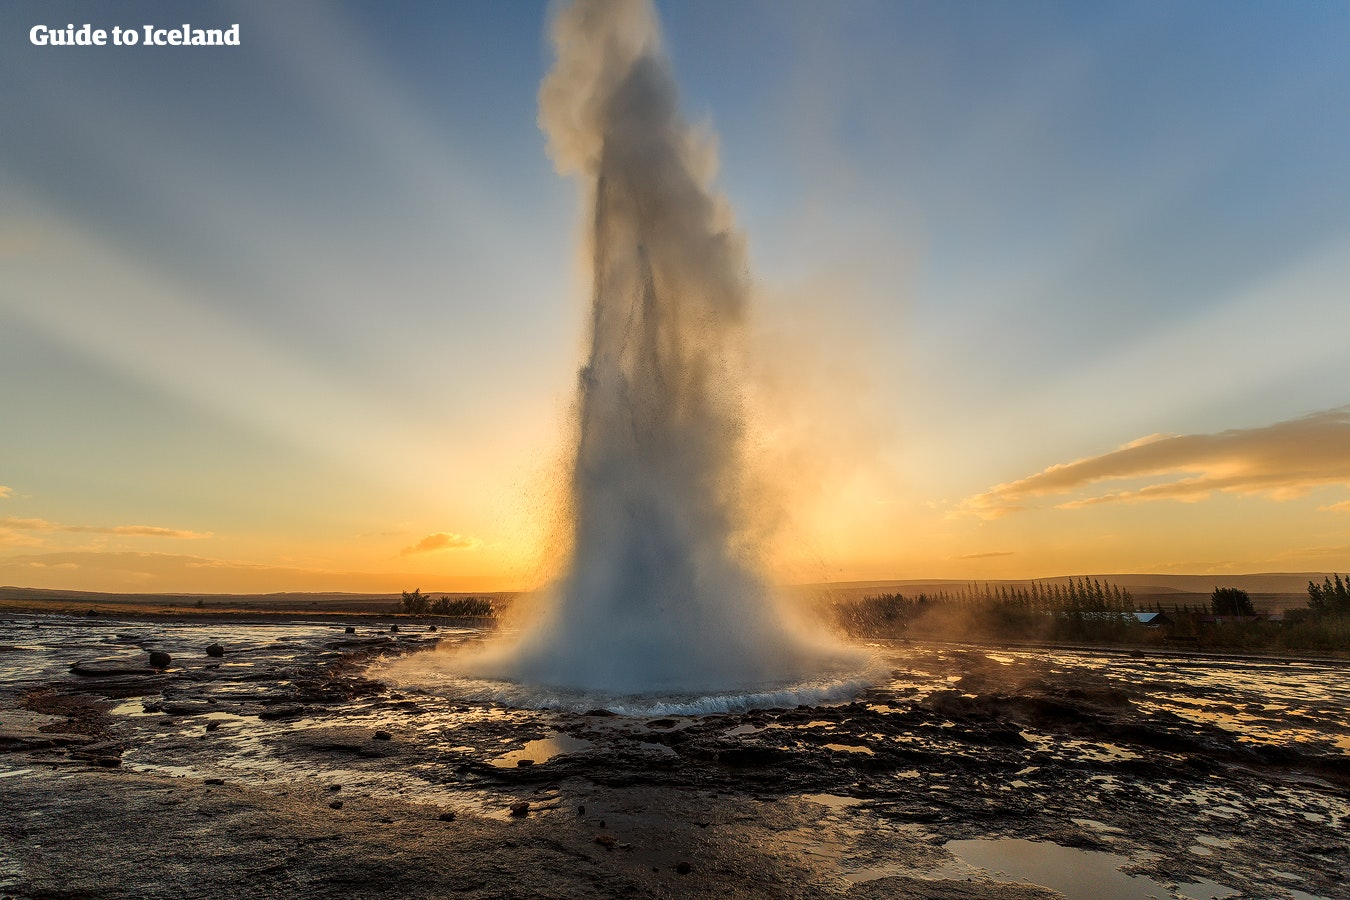 Golden Circle to najpopularniejsza trasa zwiedzania na Islandii.